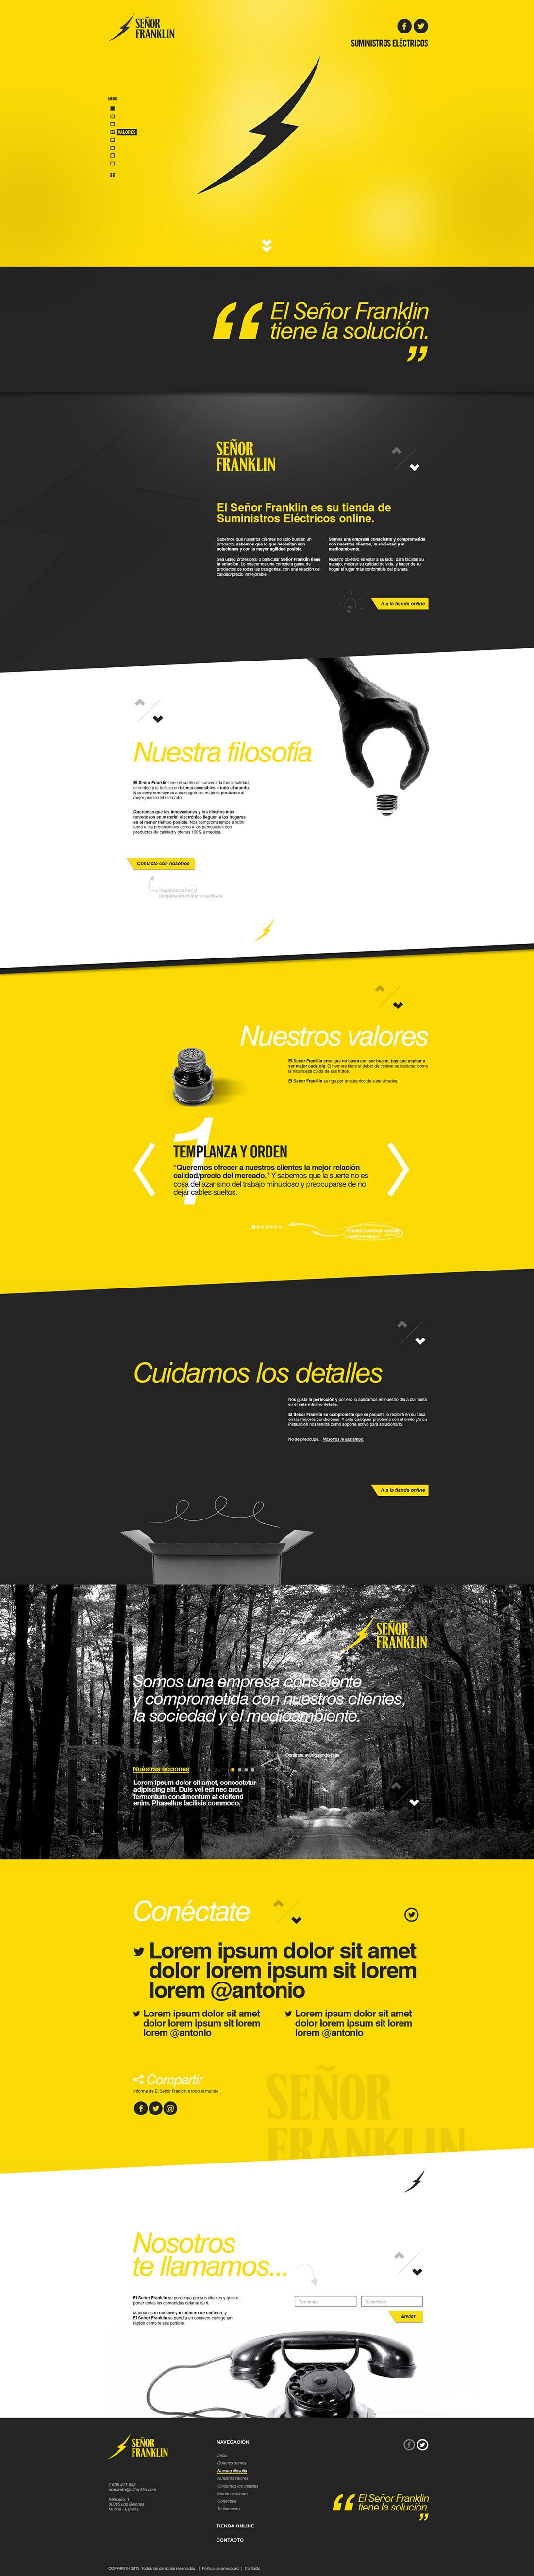 Diseño web Señor Franklin por Drool estudio creativo - 7